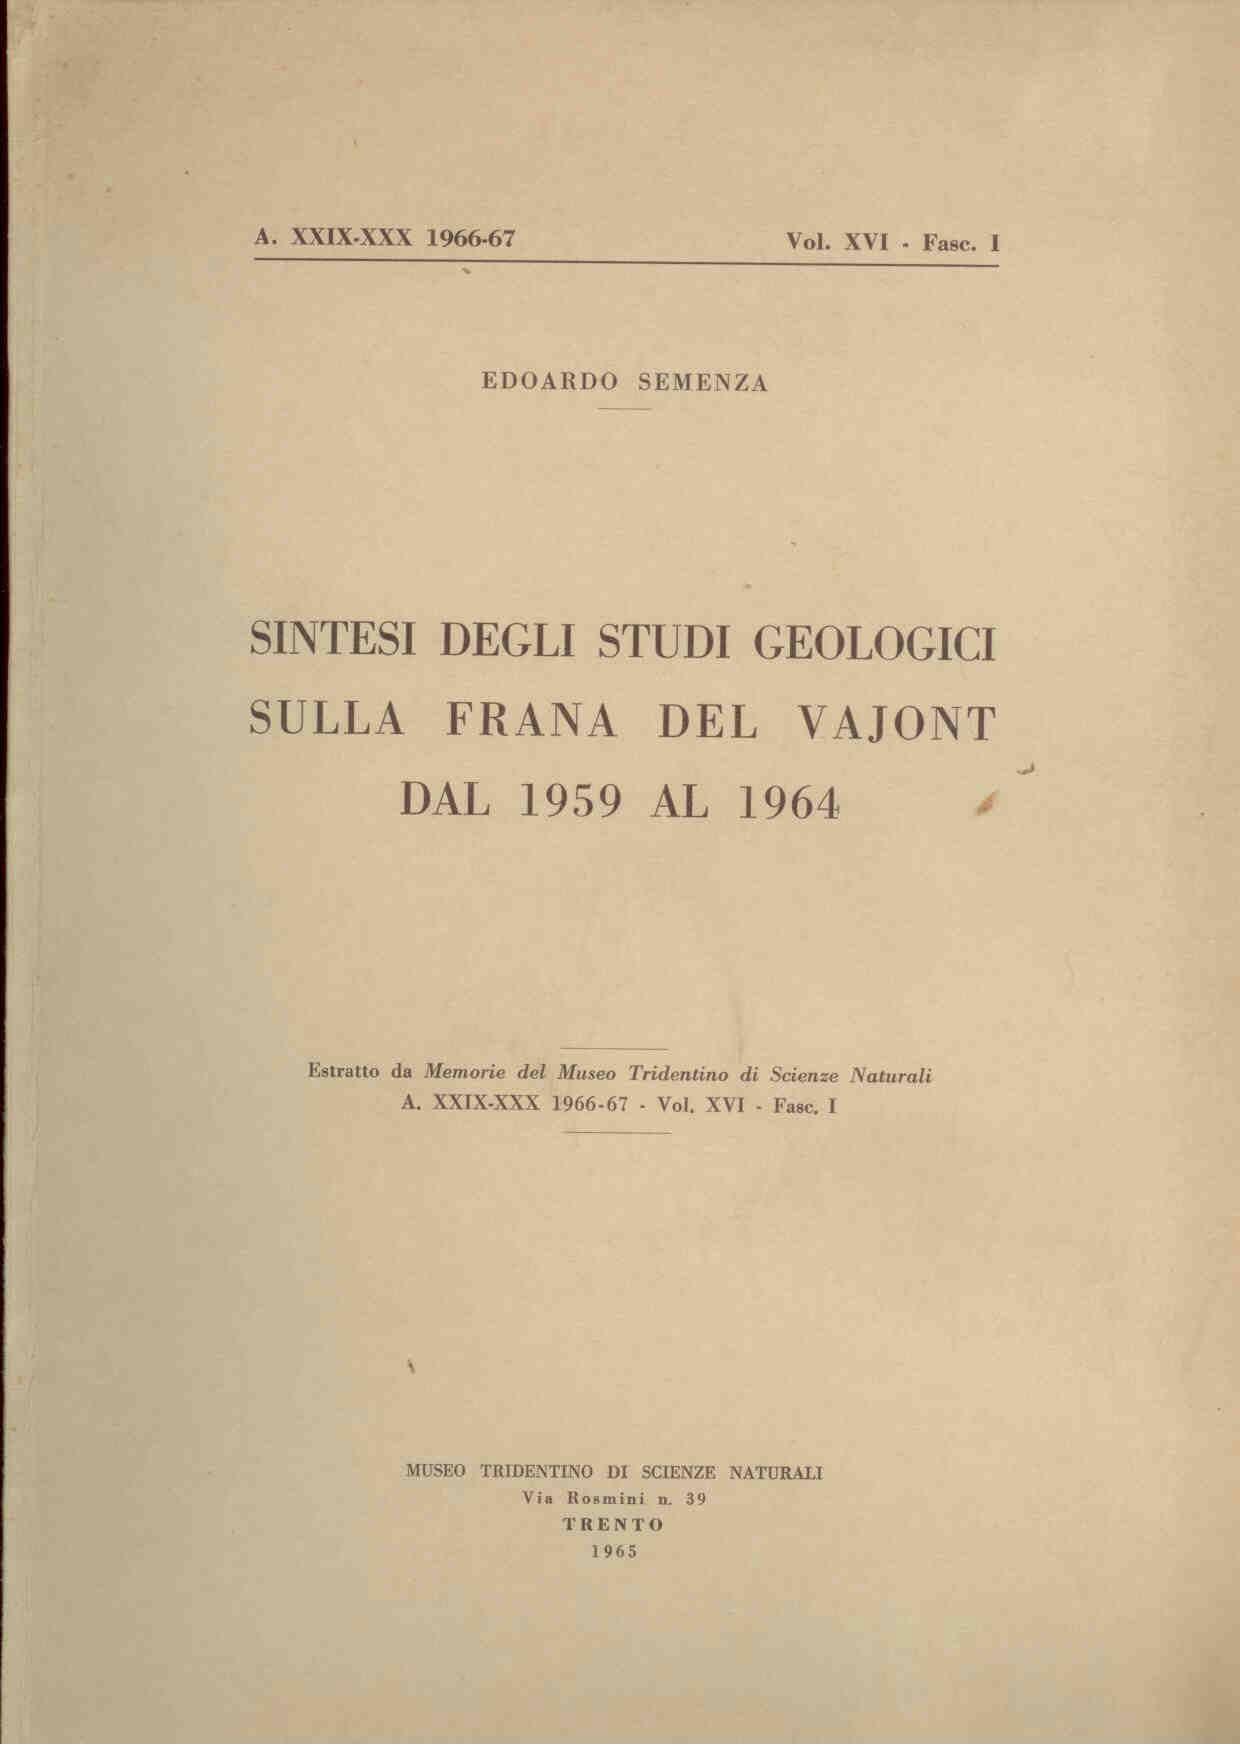 Semenza, E.: Sintesi degli studi Geologici sulla frana del Vajont dal 1959 al 1964